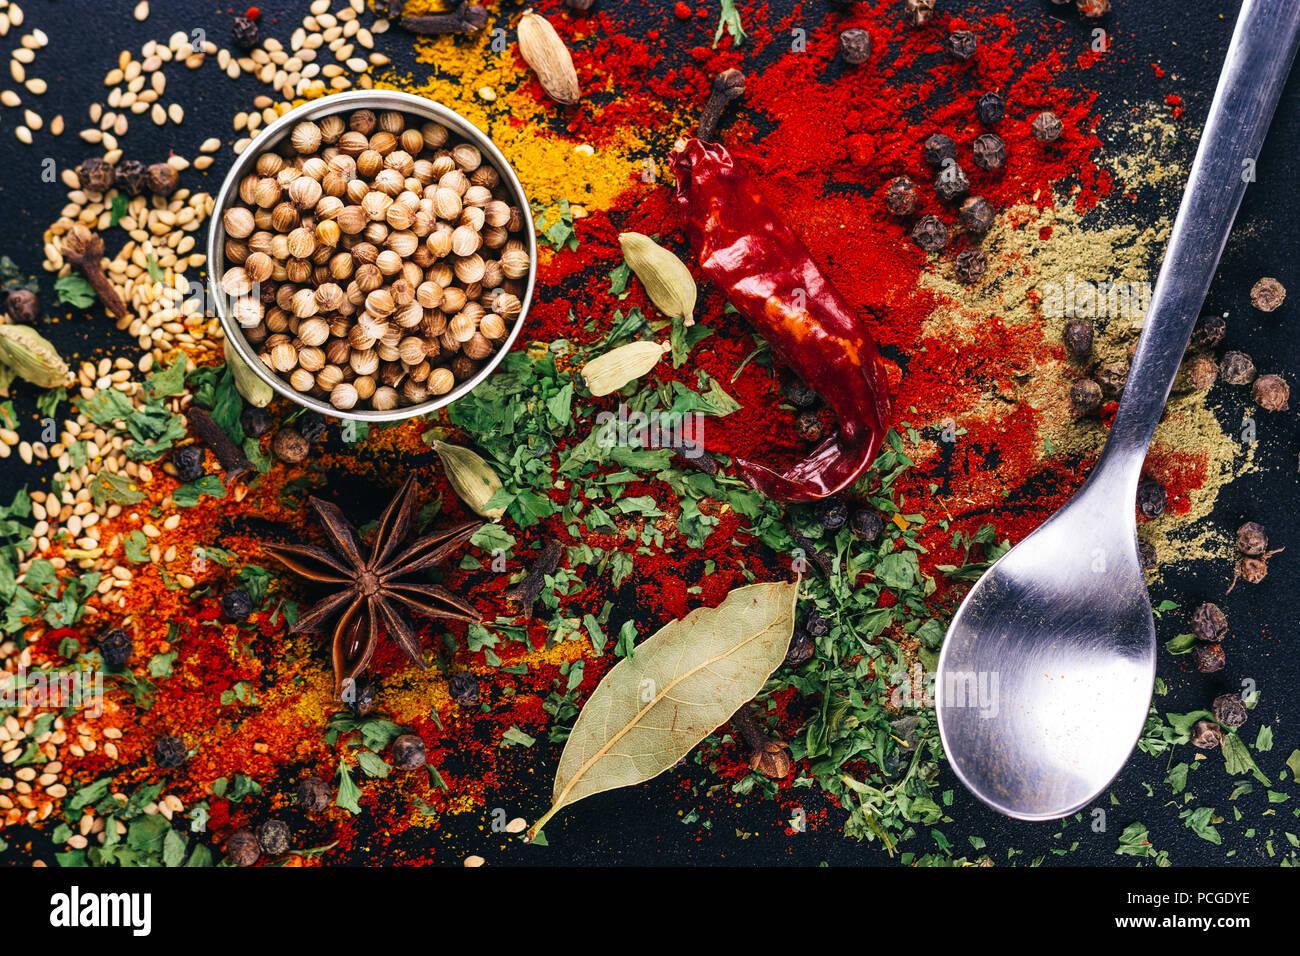 Die Katastrophe von Gewürzen und Zutaten zum Kochen, auf einem dunklen Tabelle, Restaurant Konzept Stockbild